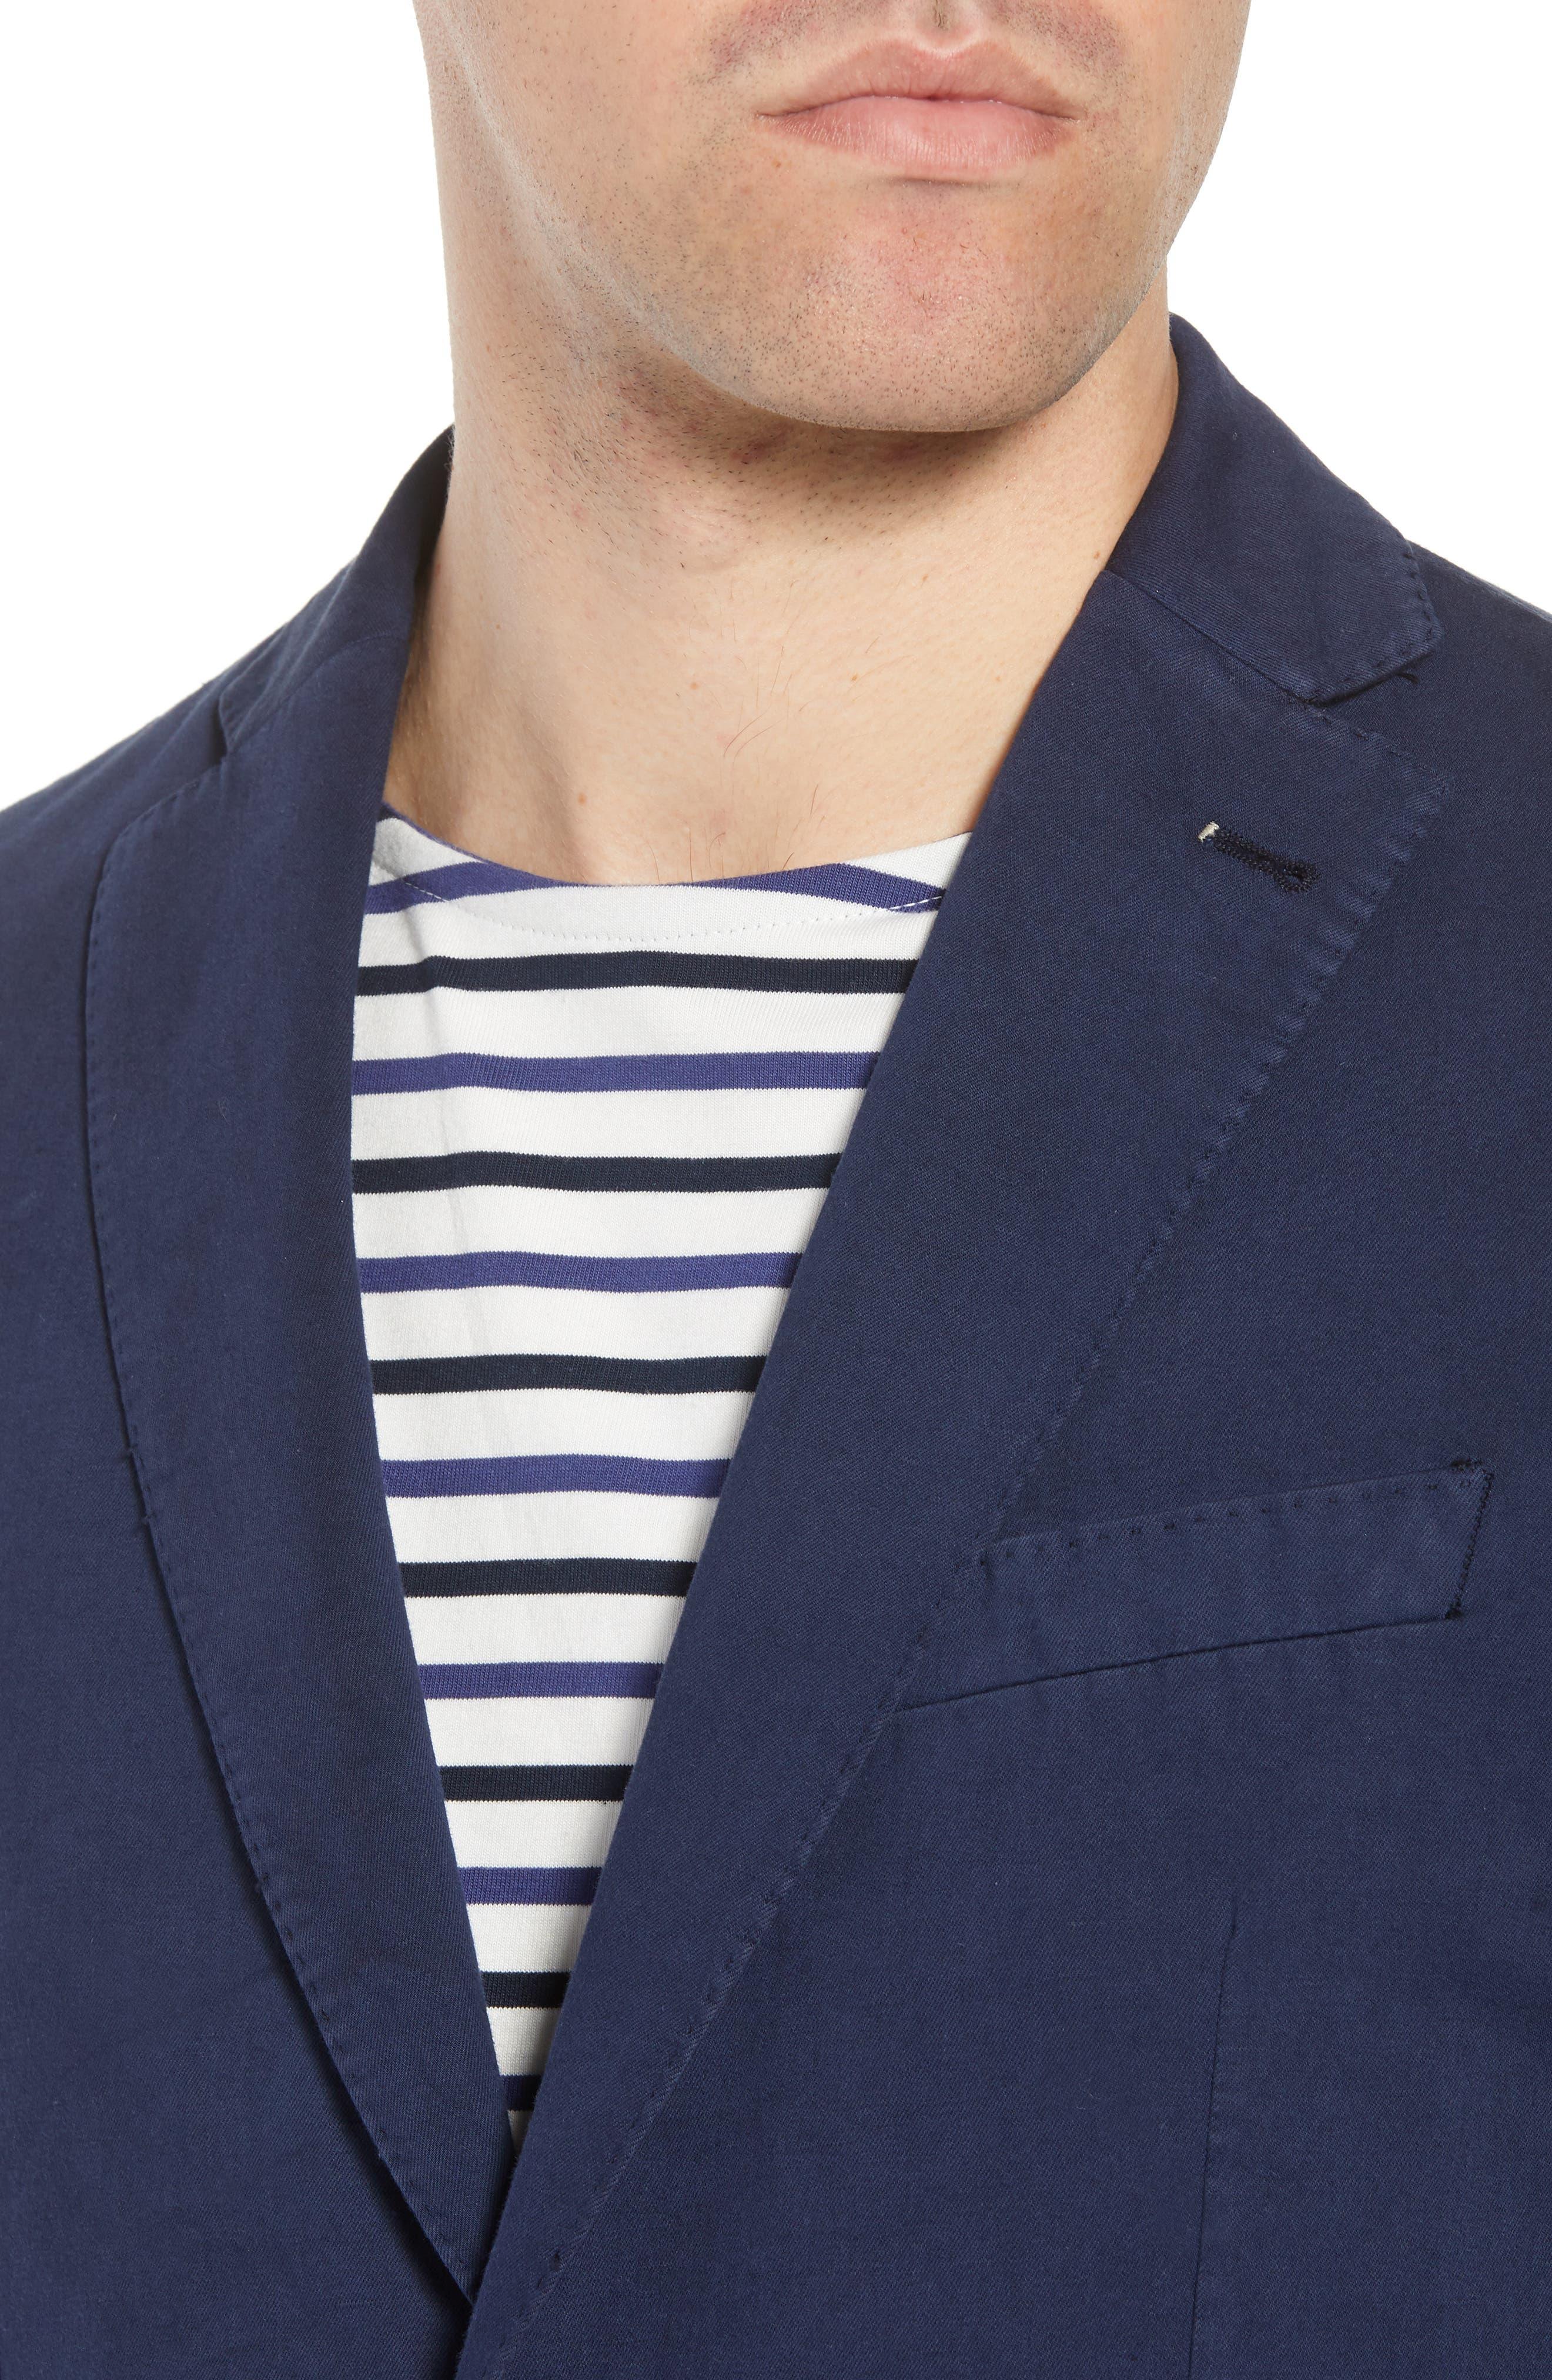 Unstructured Cotton & Linen Blazer,                             Alternate thumbnail 4, color,                             Navy